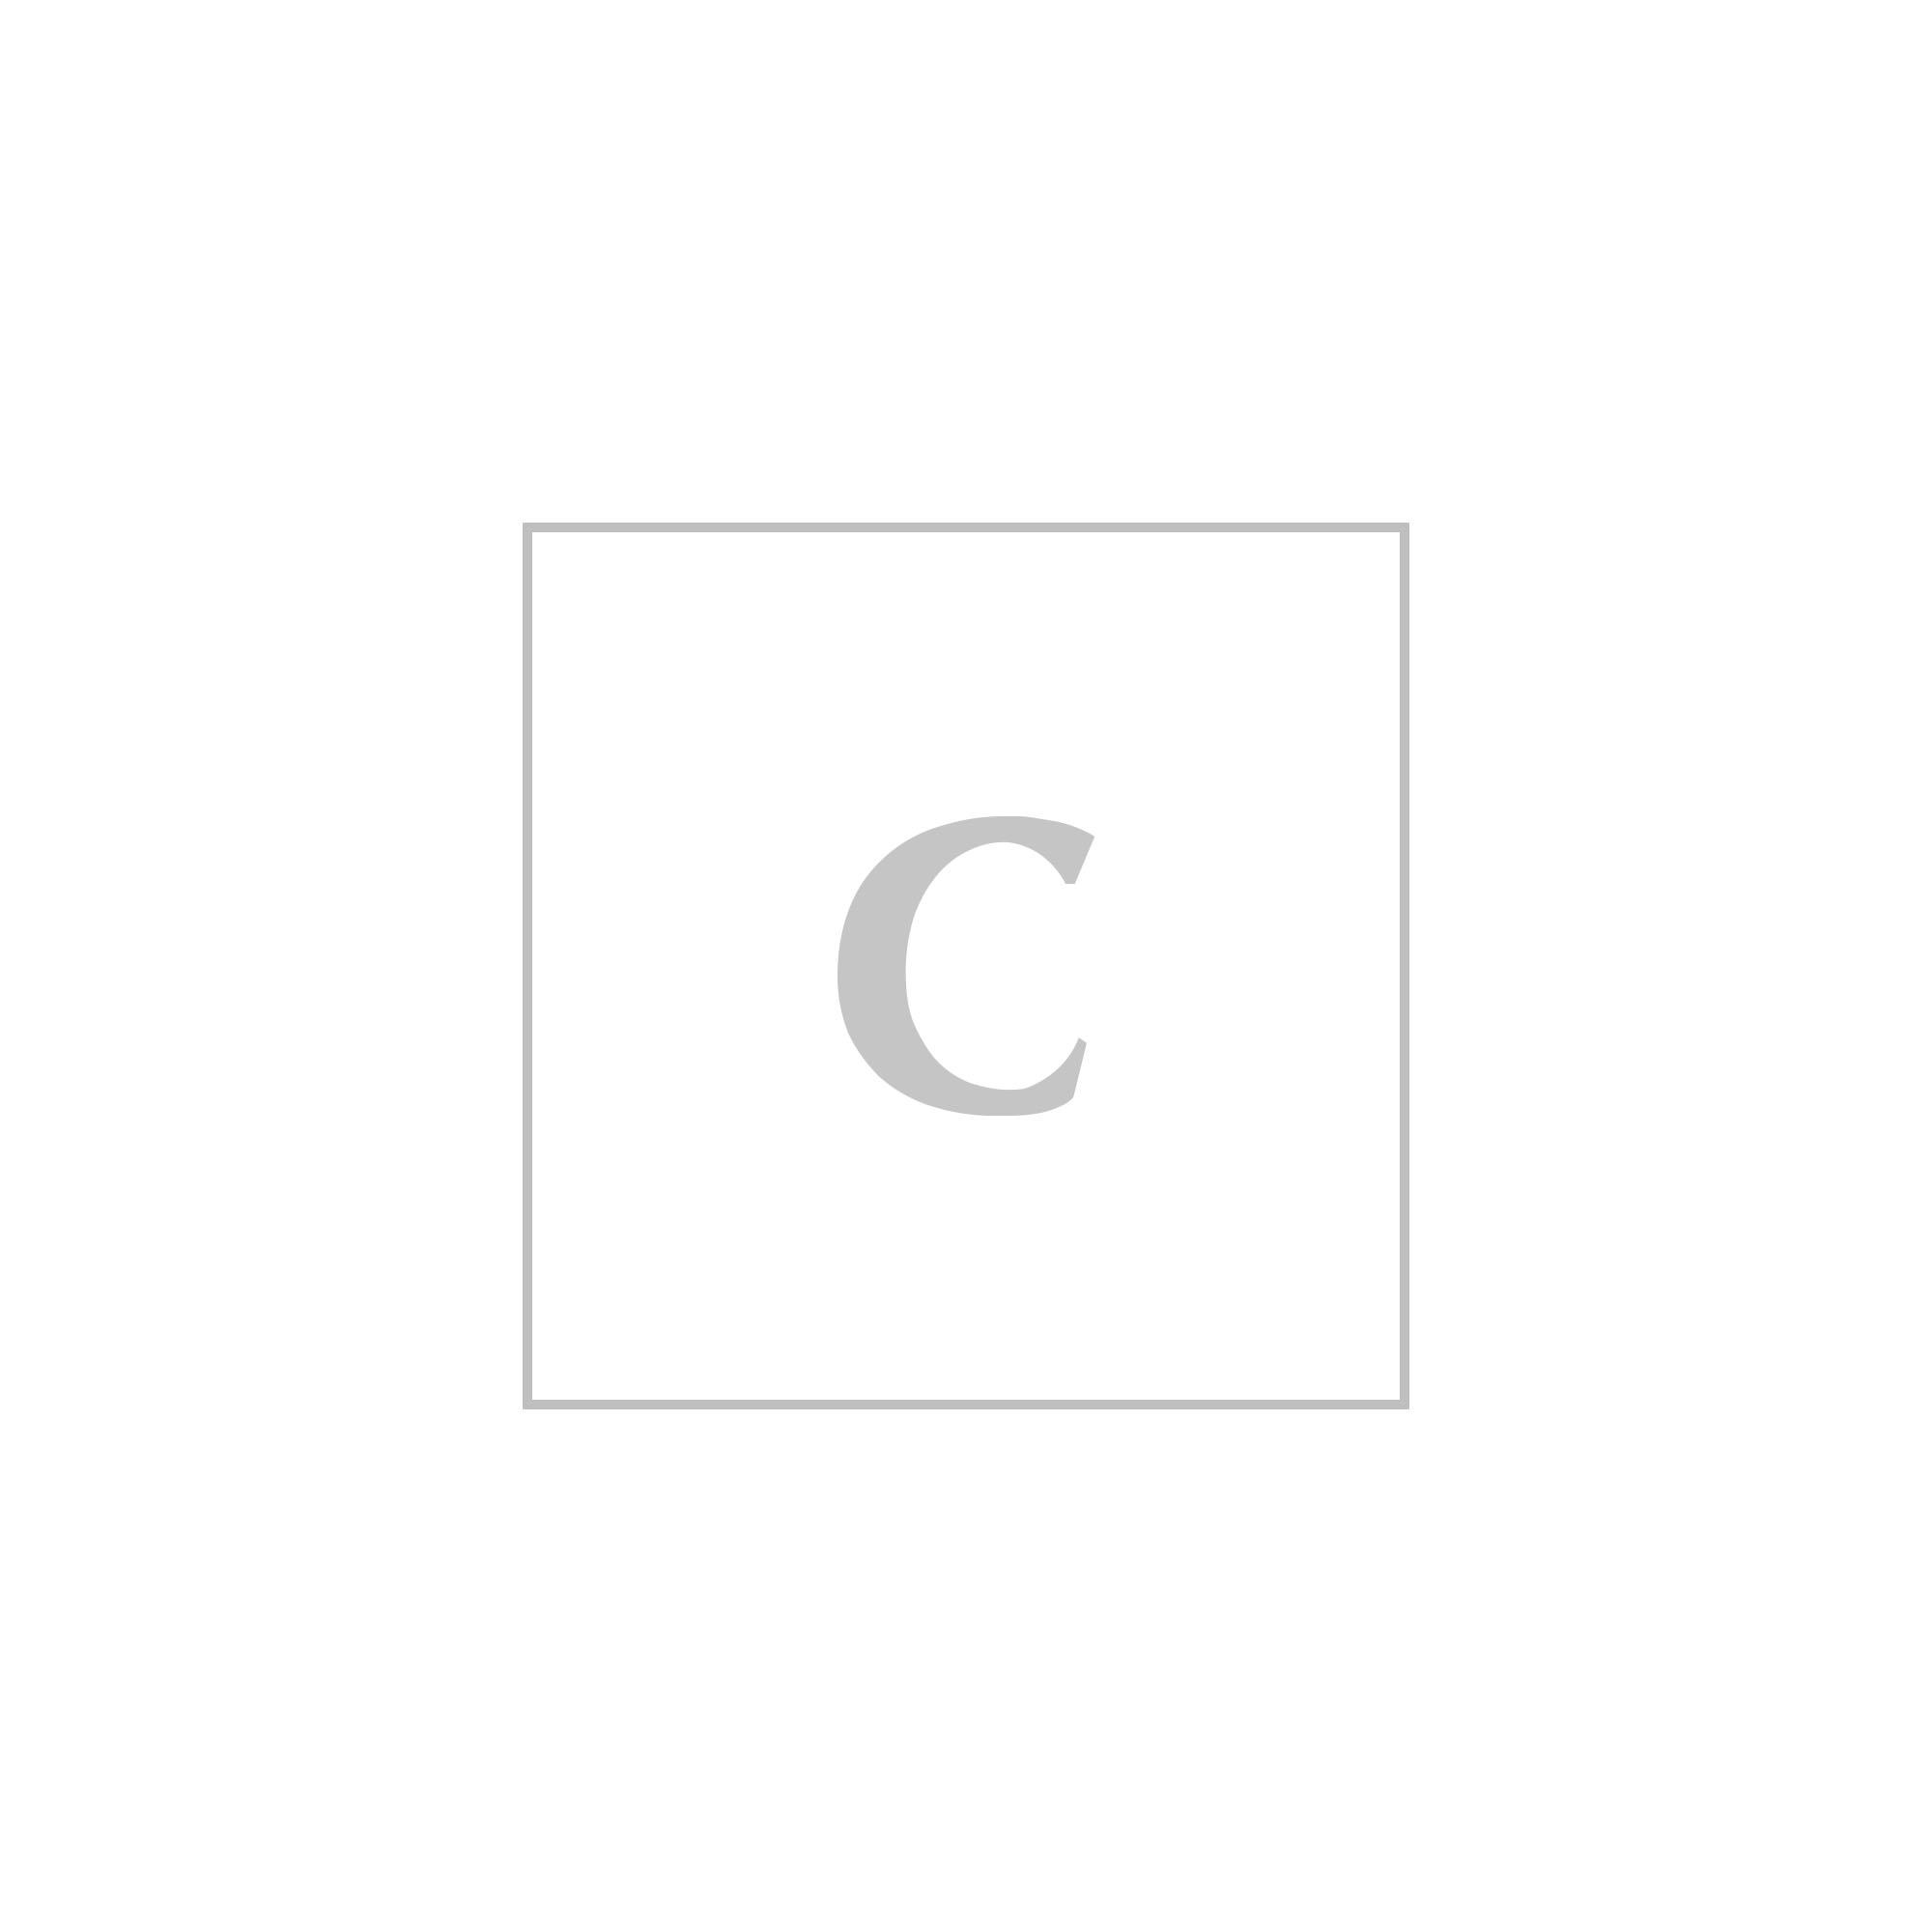 Dolce & gabbana zaino nylon stampato